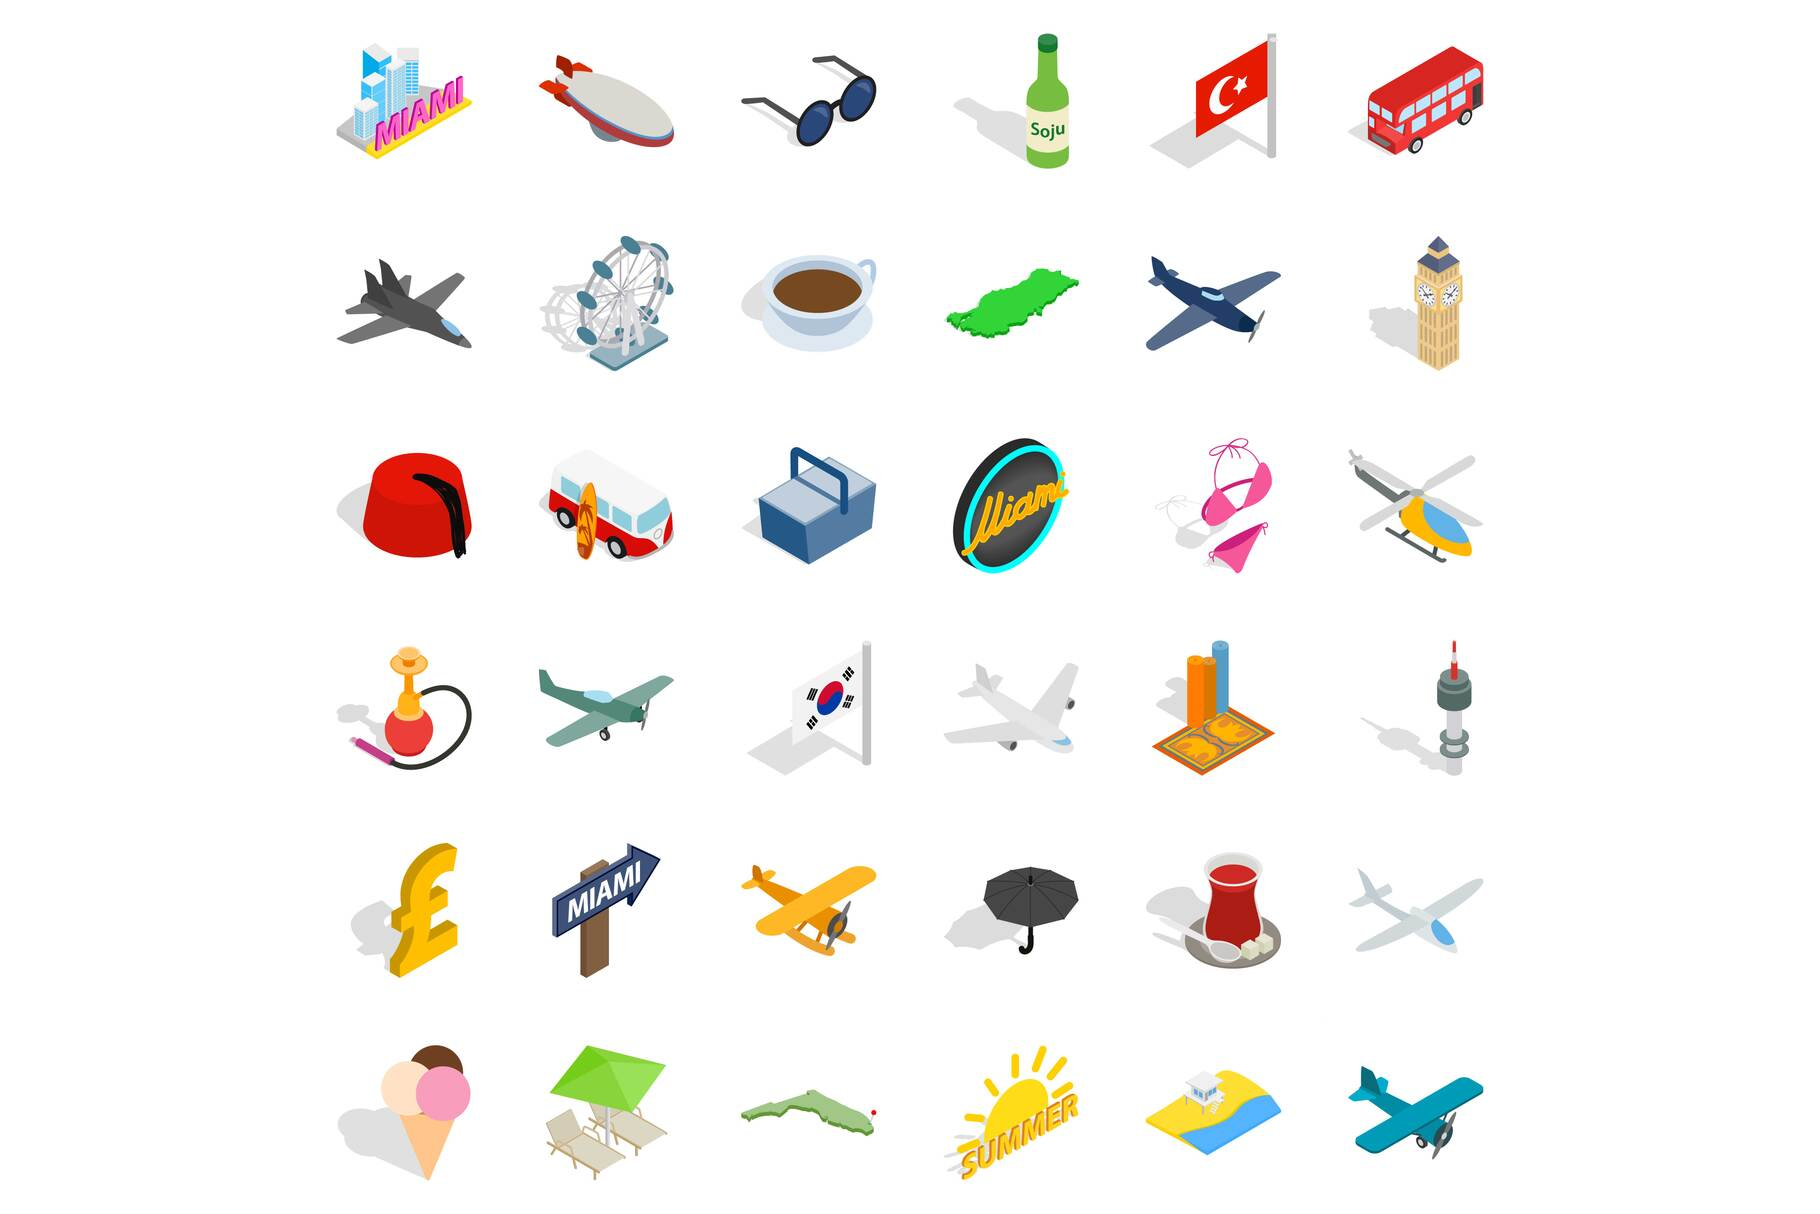 Plane travel icons set, isometric style example image 1